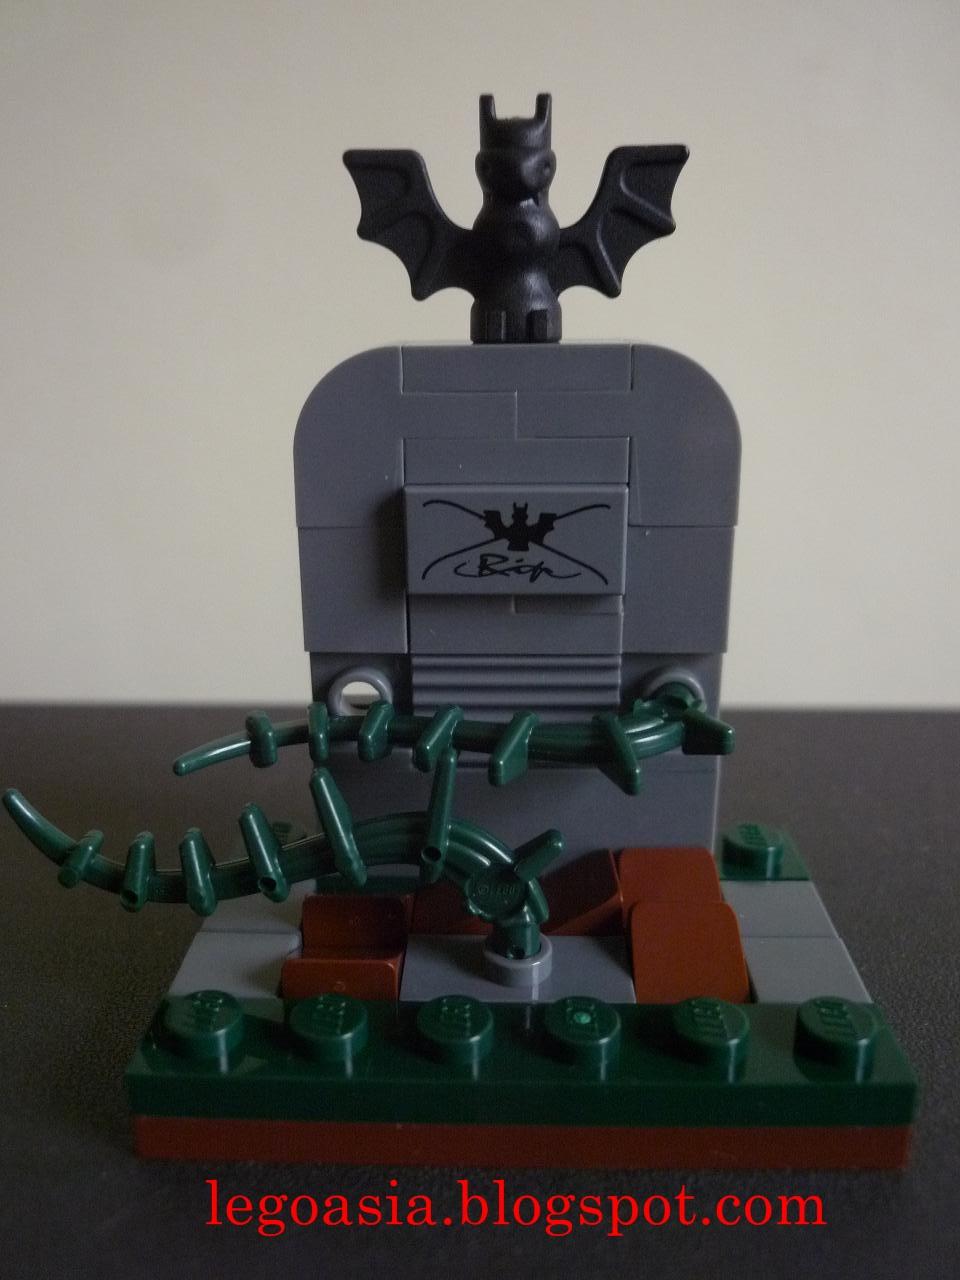 Lego Asia: Lego 850487 Halloween Set Review